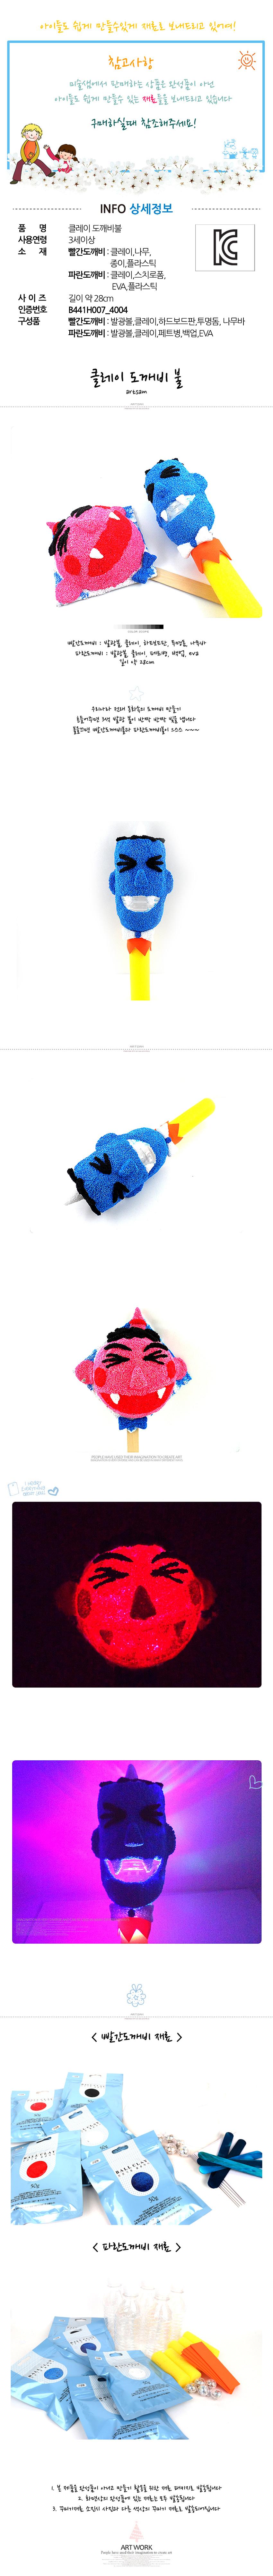 클레이 도깨비불 5인용 - 미술샘, 15,000원, 클레이공예, 클레이공예 만들기 패키지